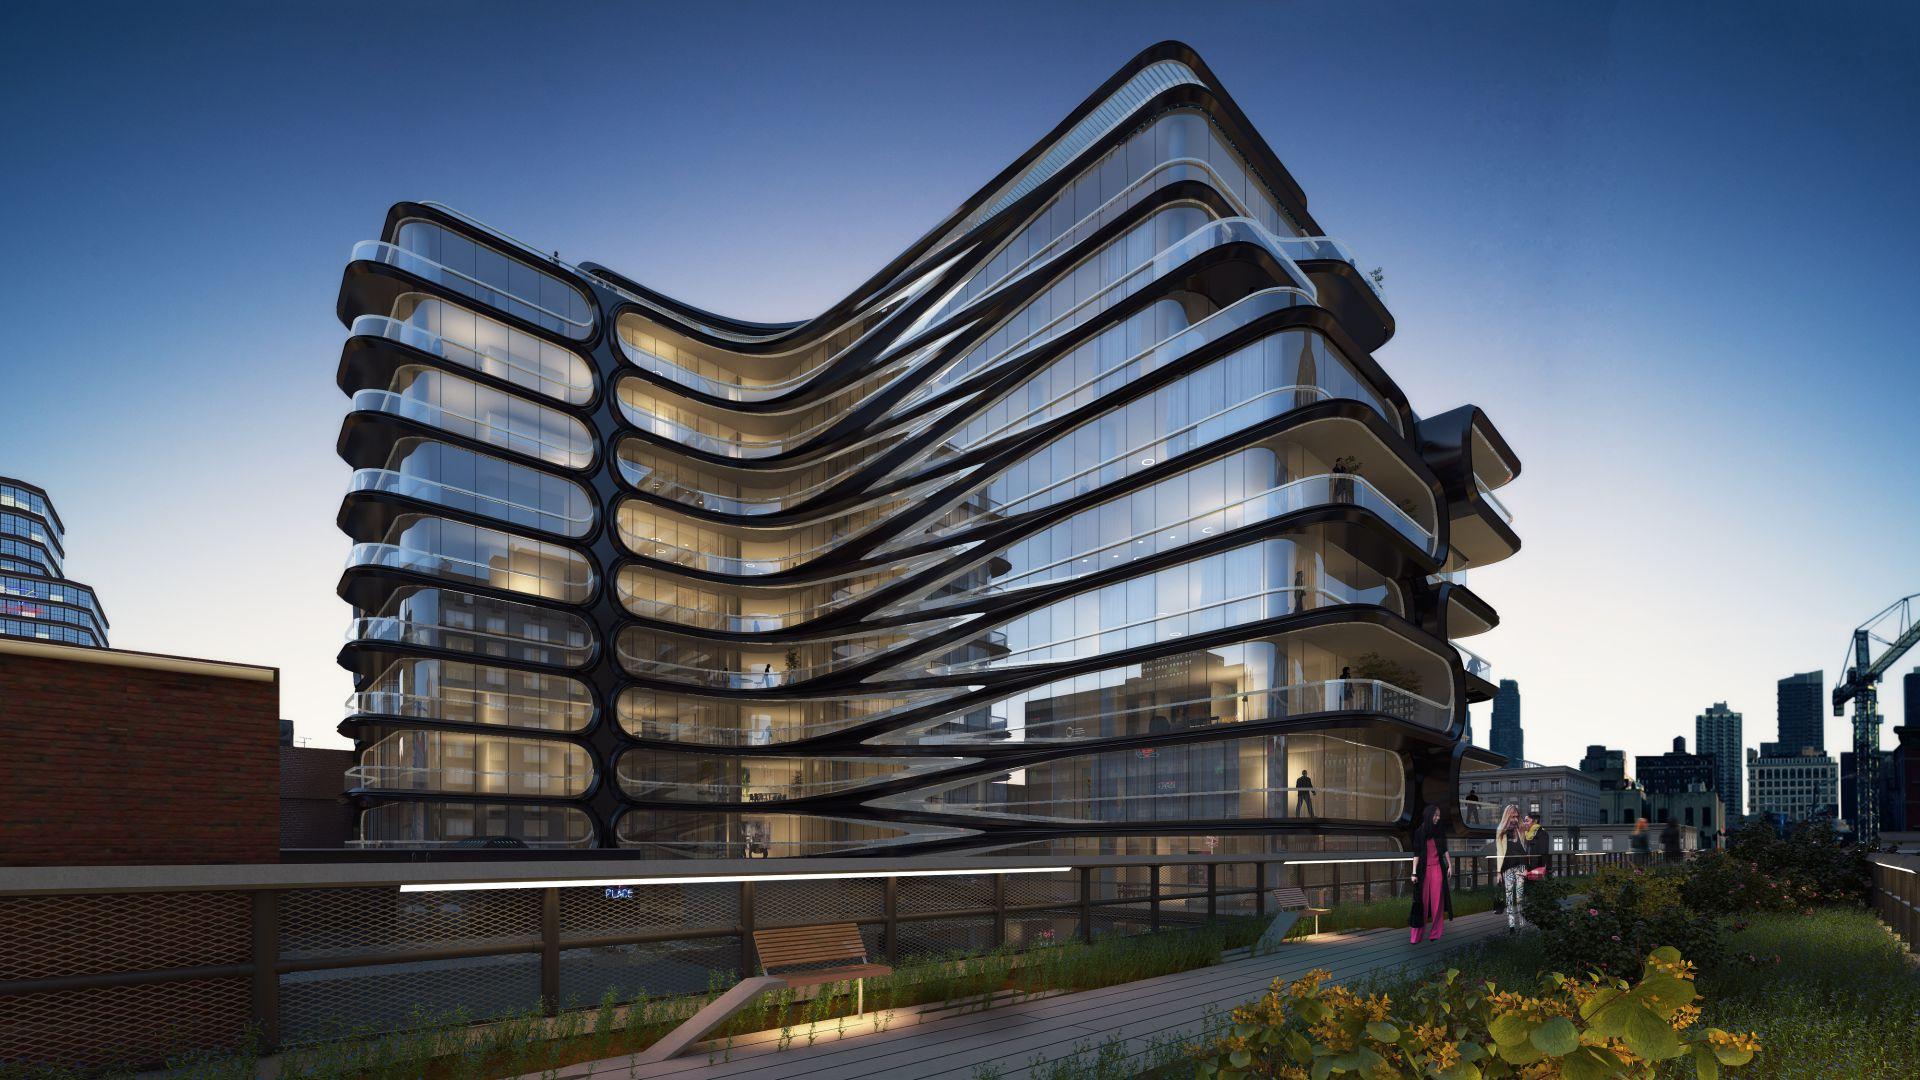 New York Finally Gets the Avant-garde Buildings It Deserves | Observer